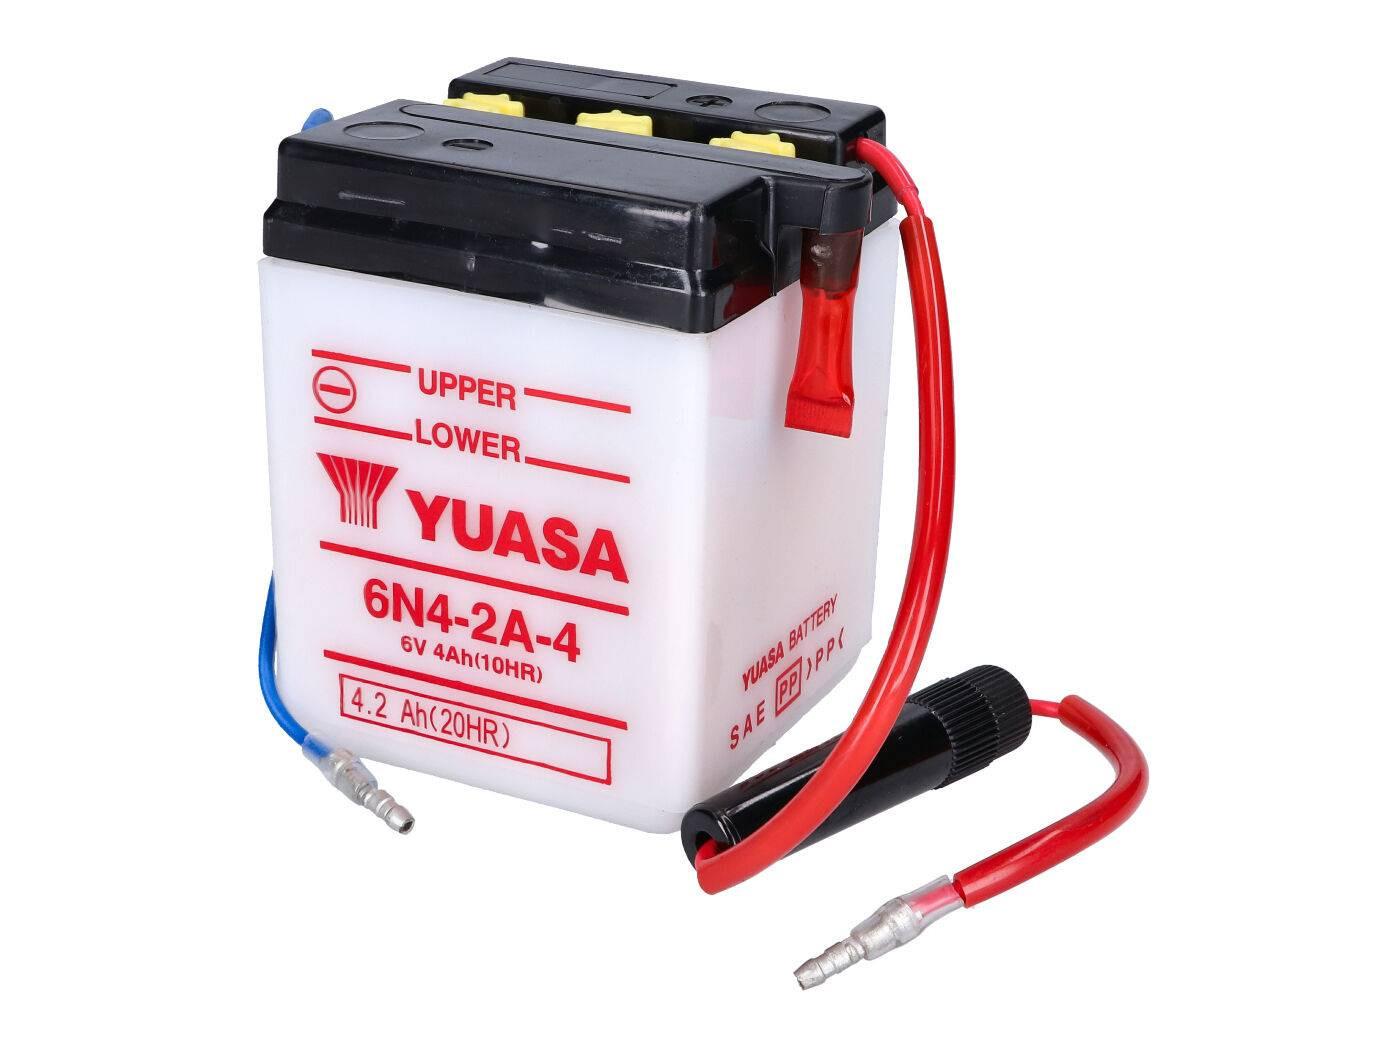 Yuasa 6N4-2A-4 akkumulátor - savcsomag nélkül